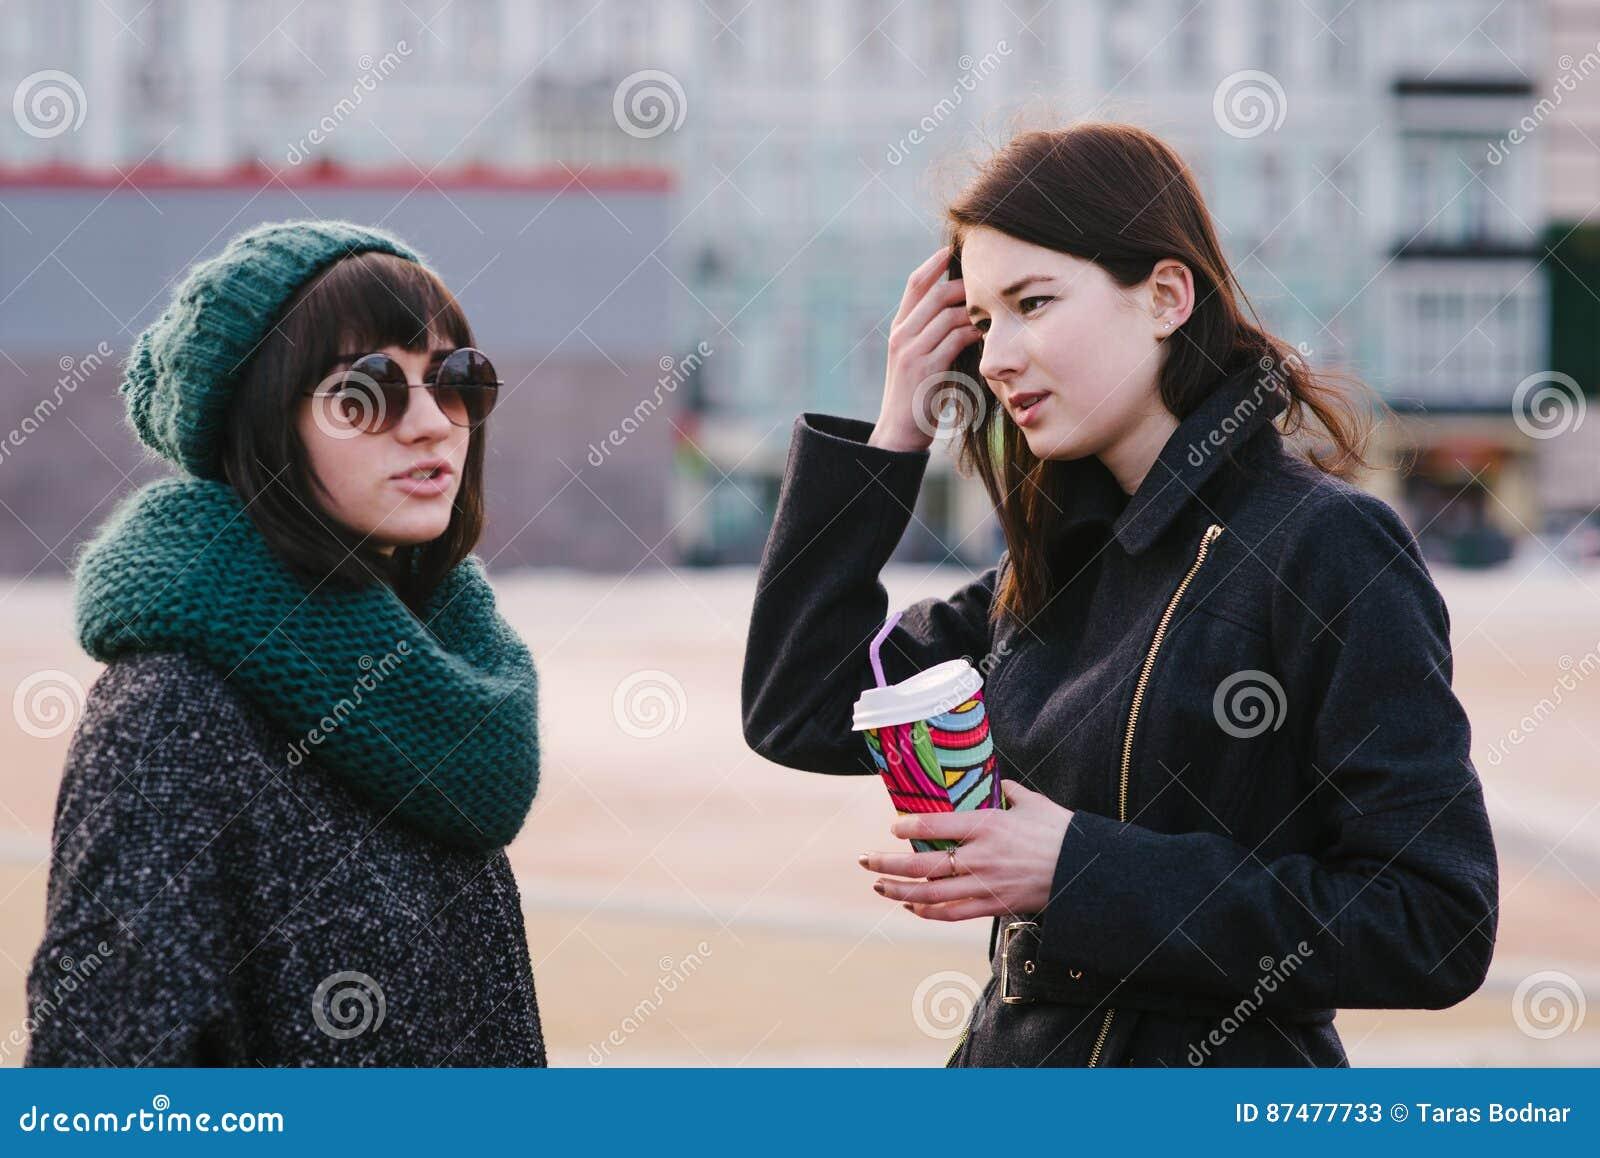 Портрет 2 стильного и красивых подруг стоя на середине улицы города